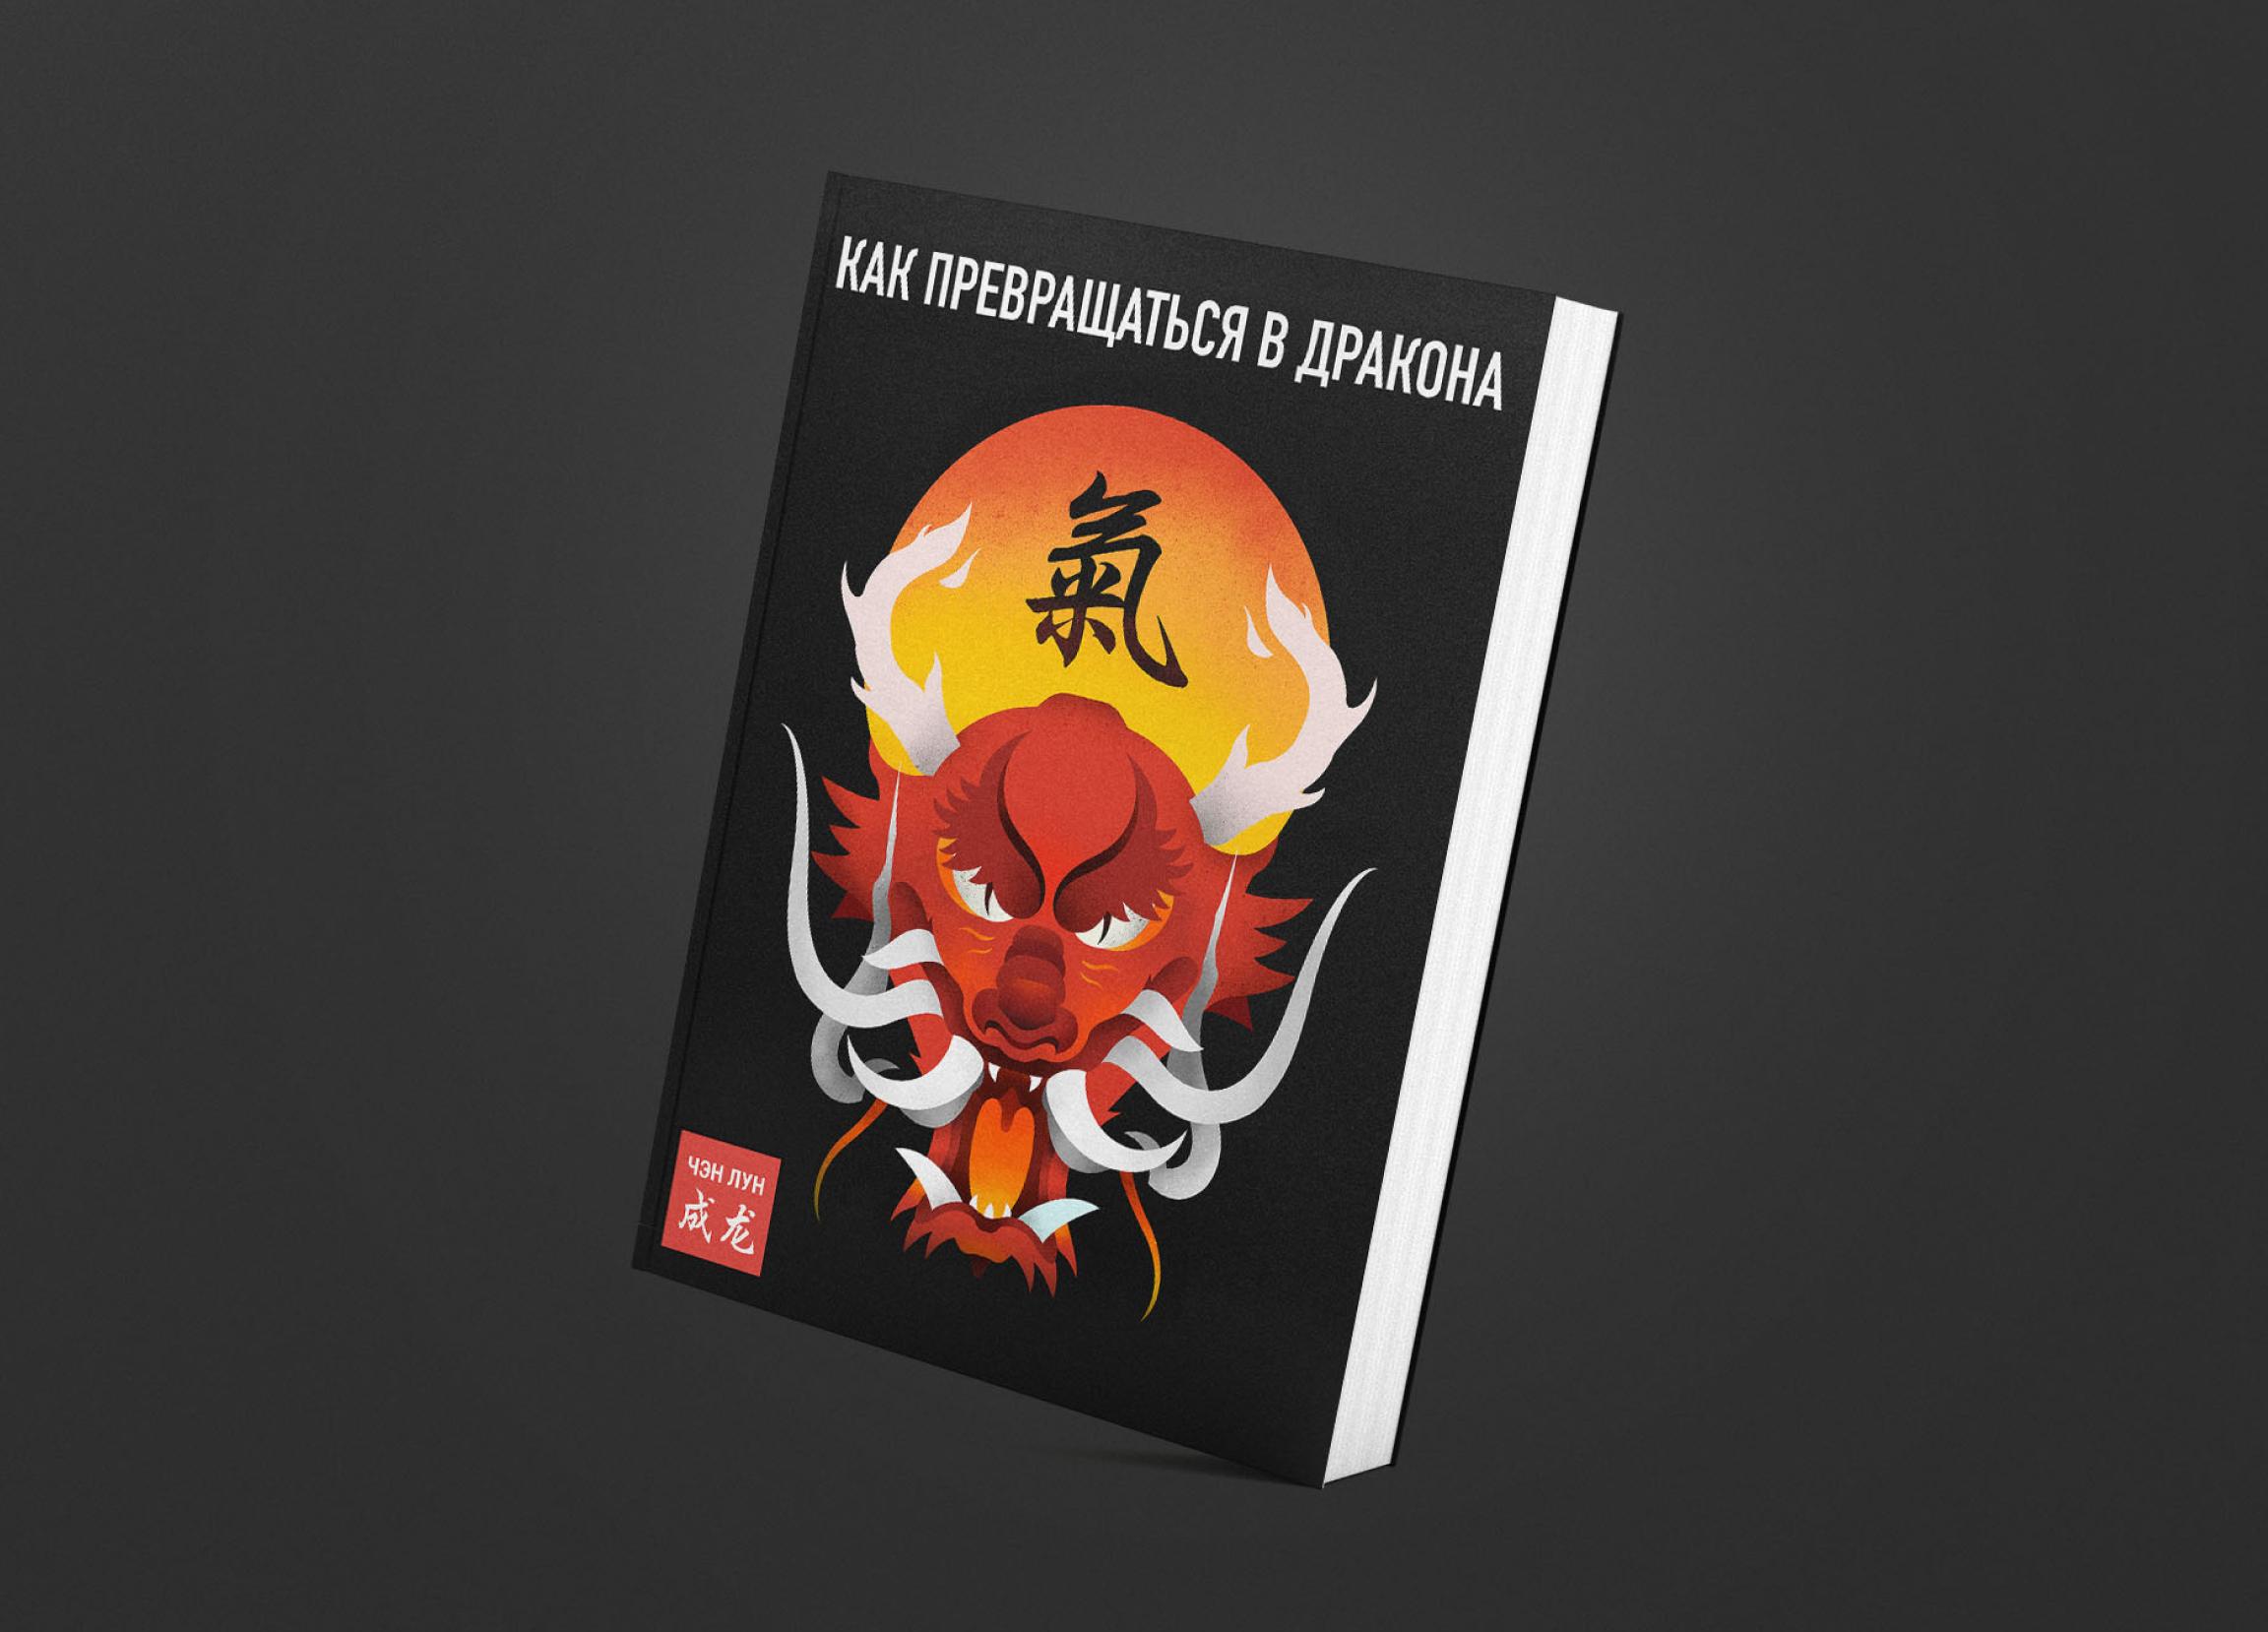 Обложка для книги фото f_0455f4a755379268.png